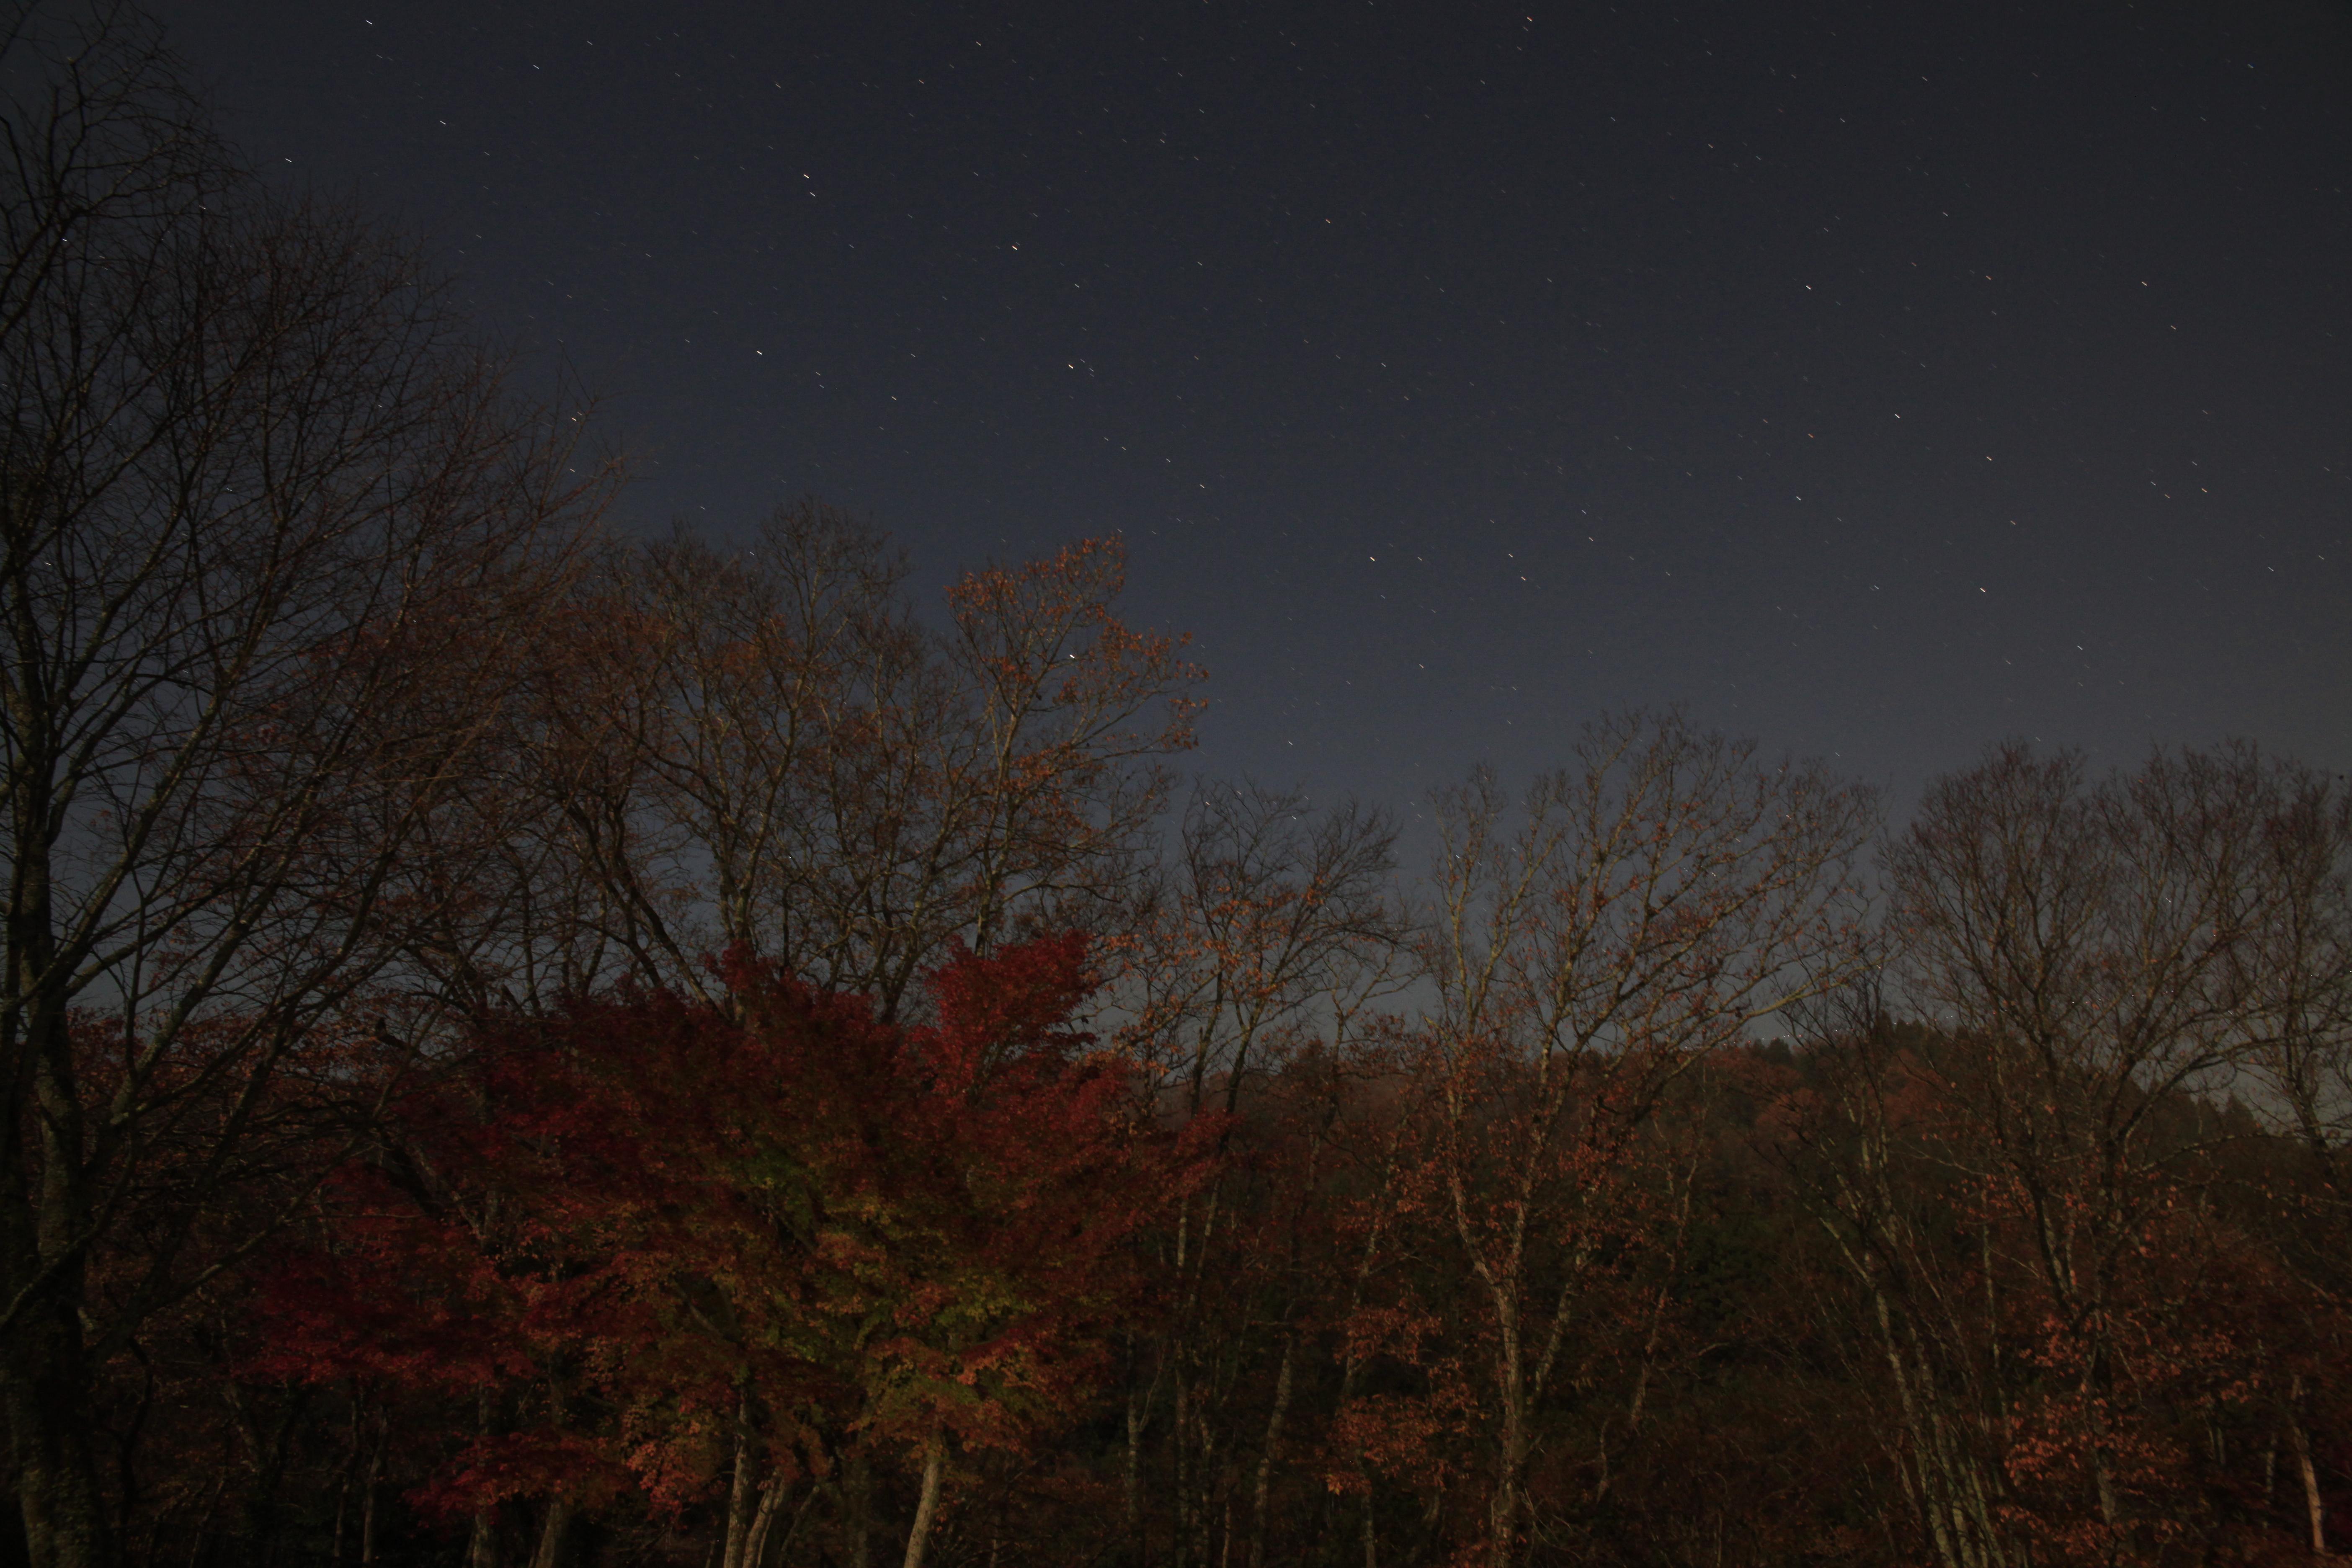 <b>ポラリエ使用(星景モード)。拡大してよく見ると星も地上の風景も少しずつブレているが、鑑賞サイズによってはどちらもブレずに止まっているように見える。EOS 5D Mark II / 24-70mm F2.8 IF EX DG HSM / 約6.6MB / 5,616×3,744 / 60秒 / F8 / 0EV / ISO1250 / 24mm</b>